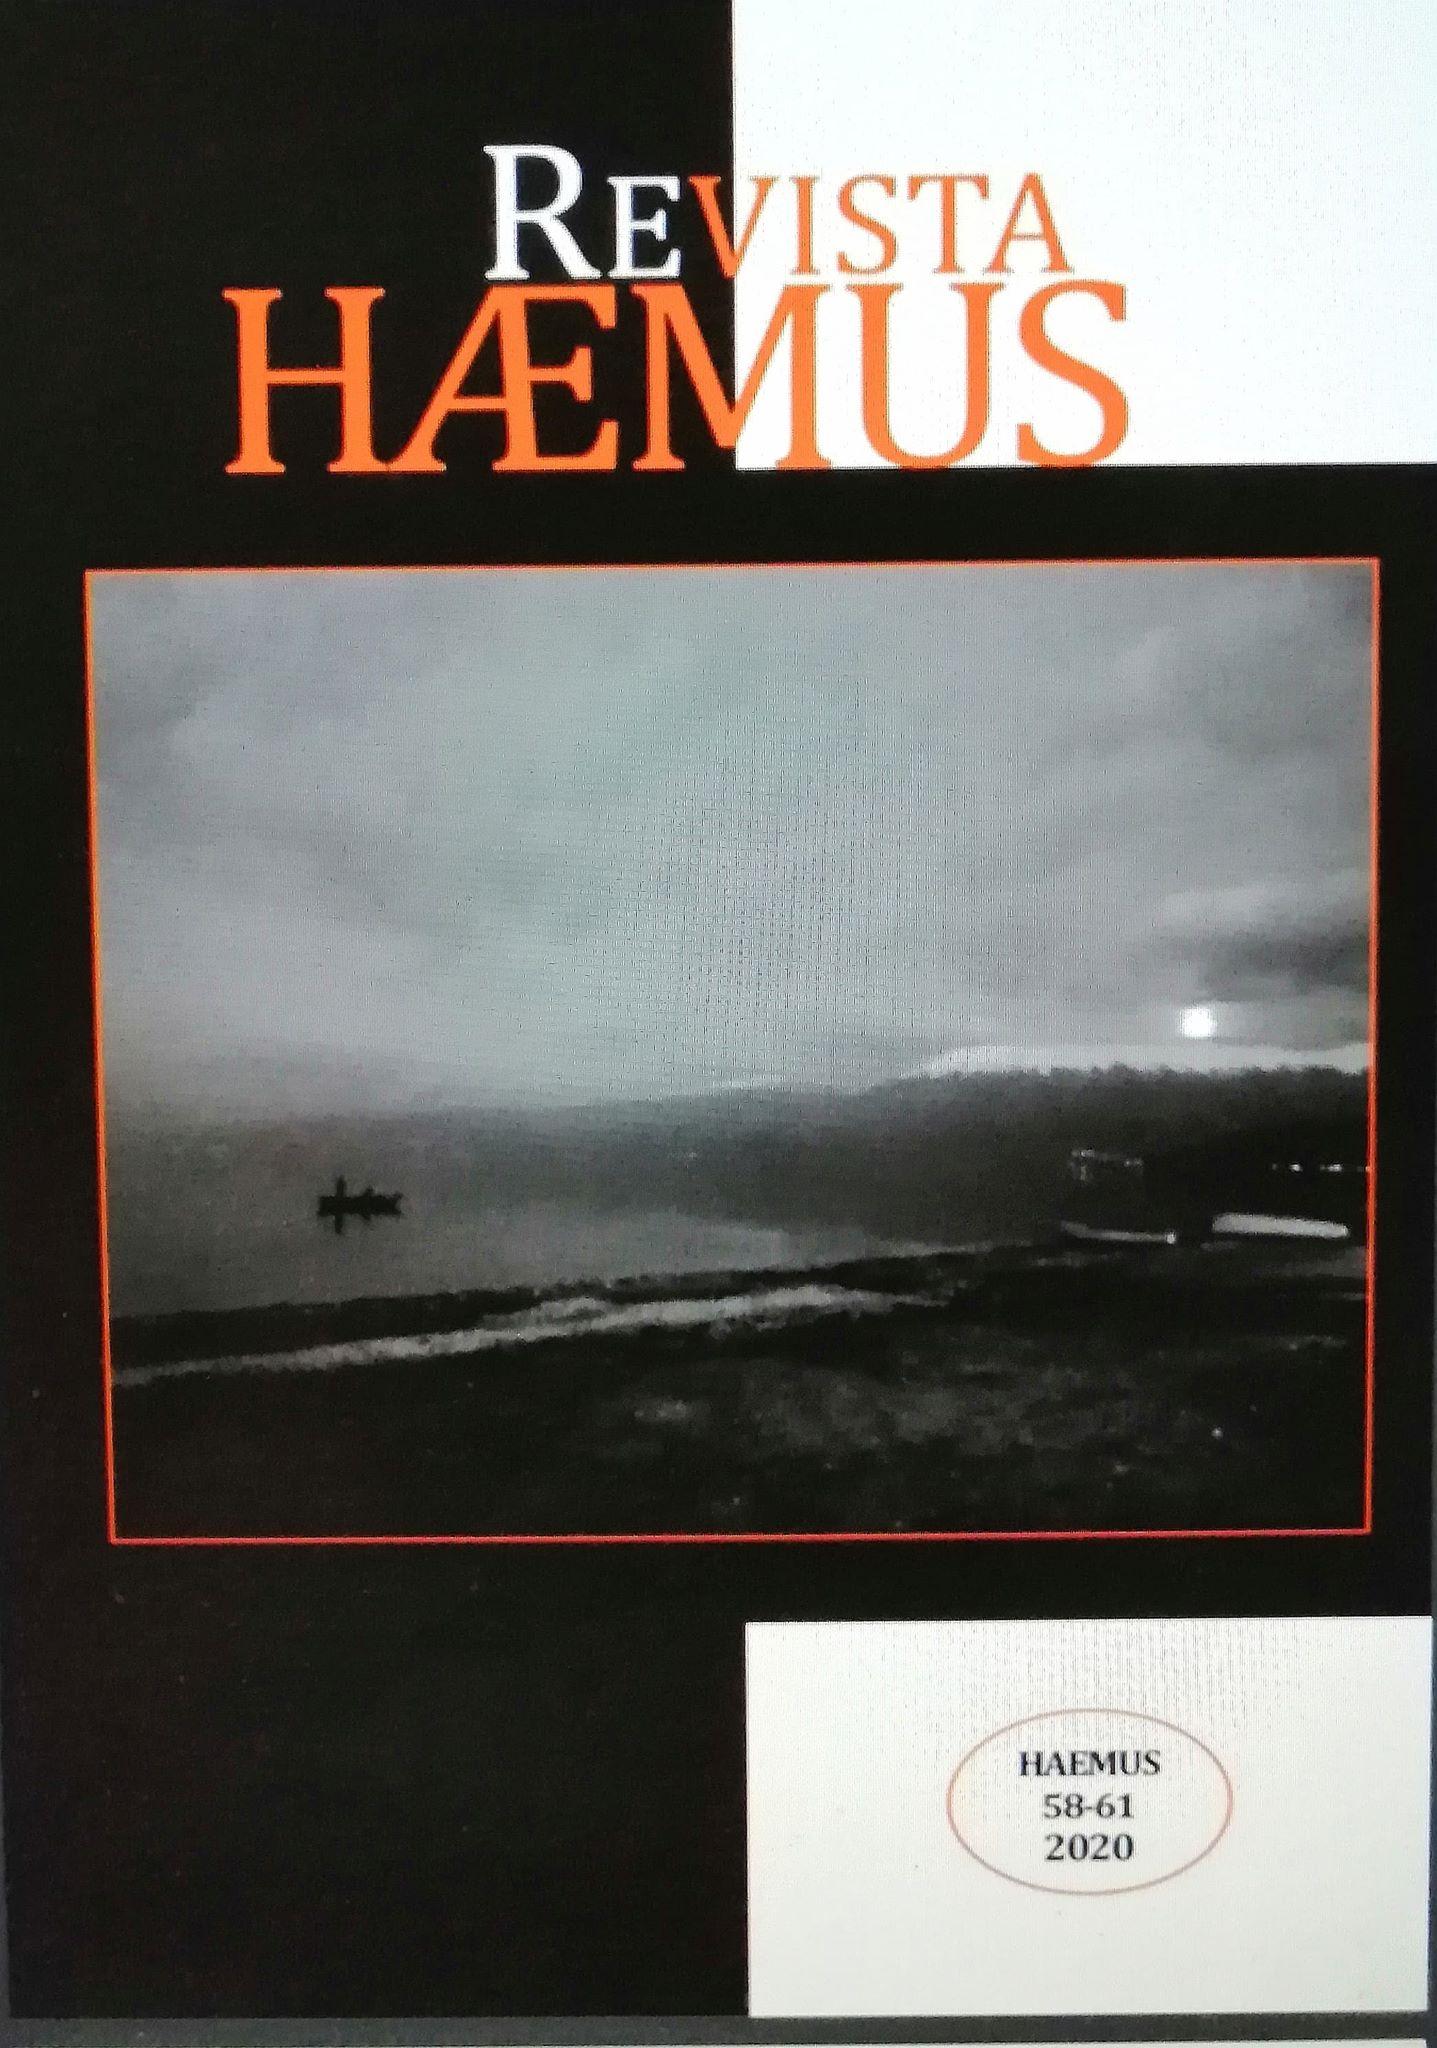 Revista Haemus - 58-61 - 2020